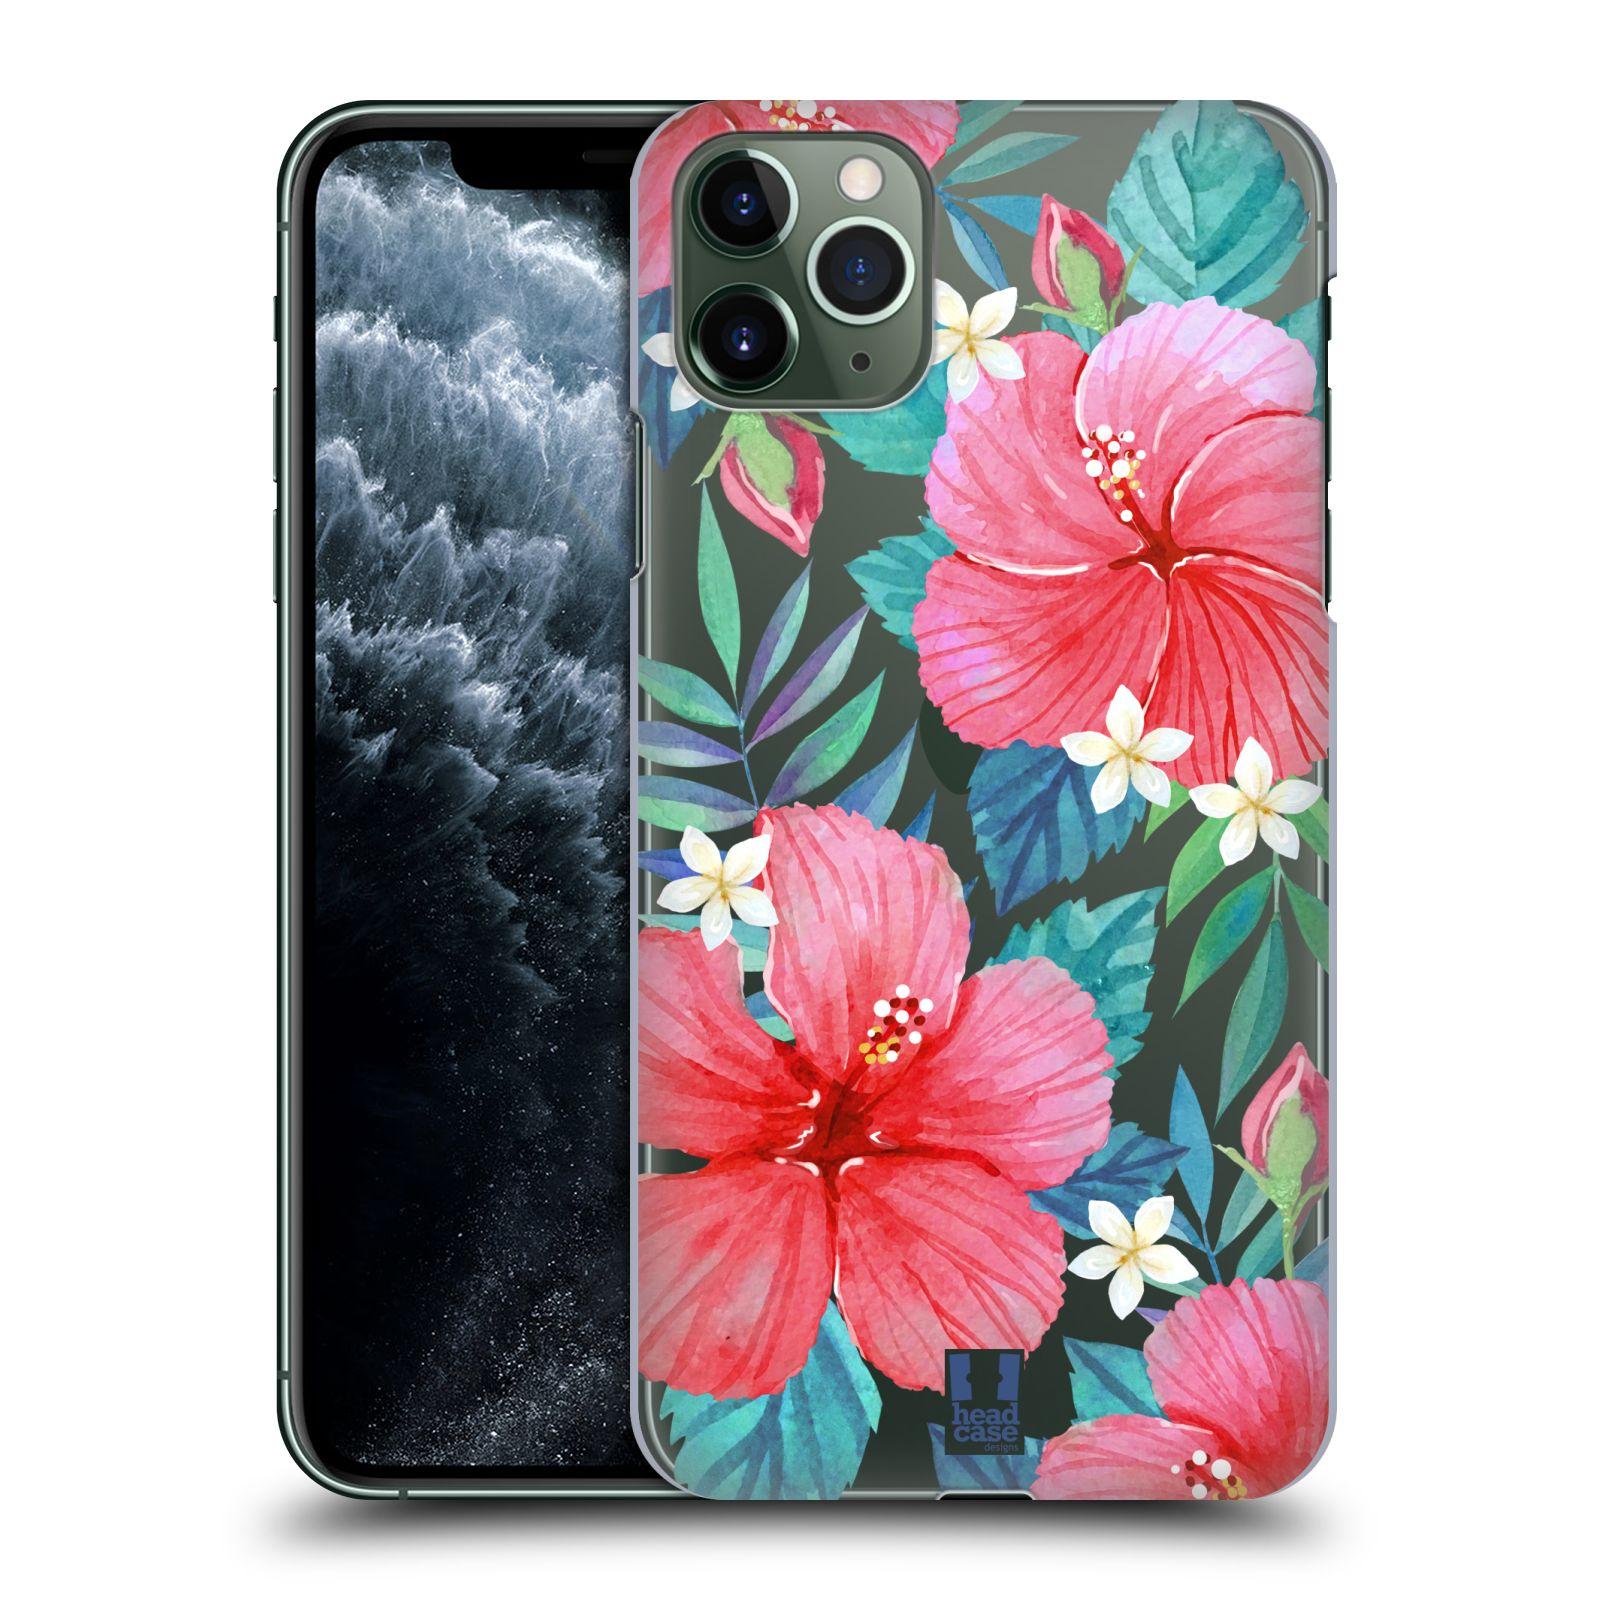 Pouzdro na mobil Apple Iphone 11 PRO MAX - HEAD CASE - květinové vzory Ibišek čínská růže